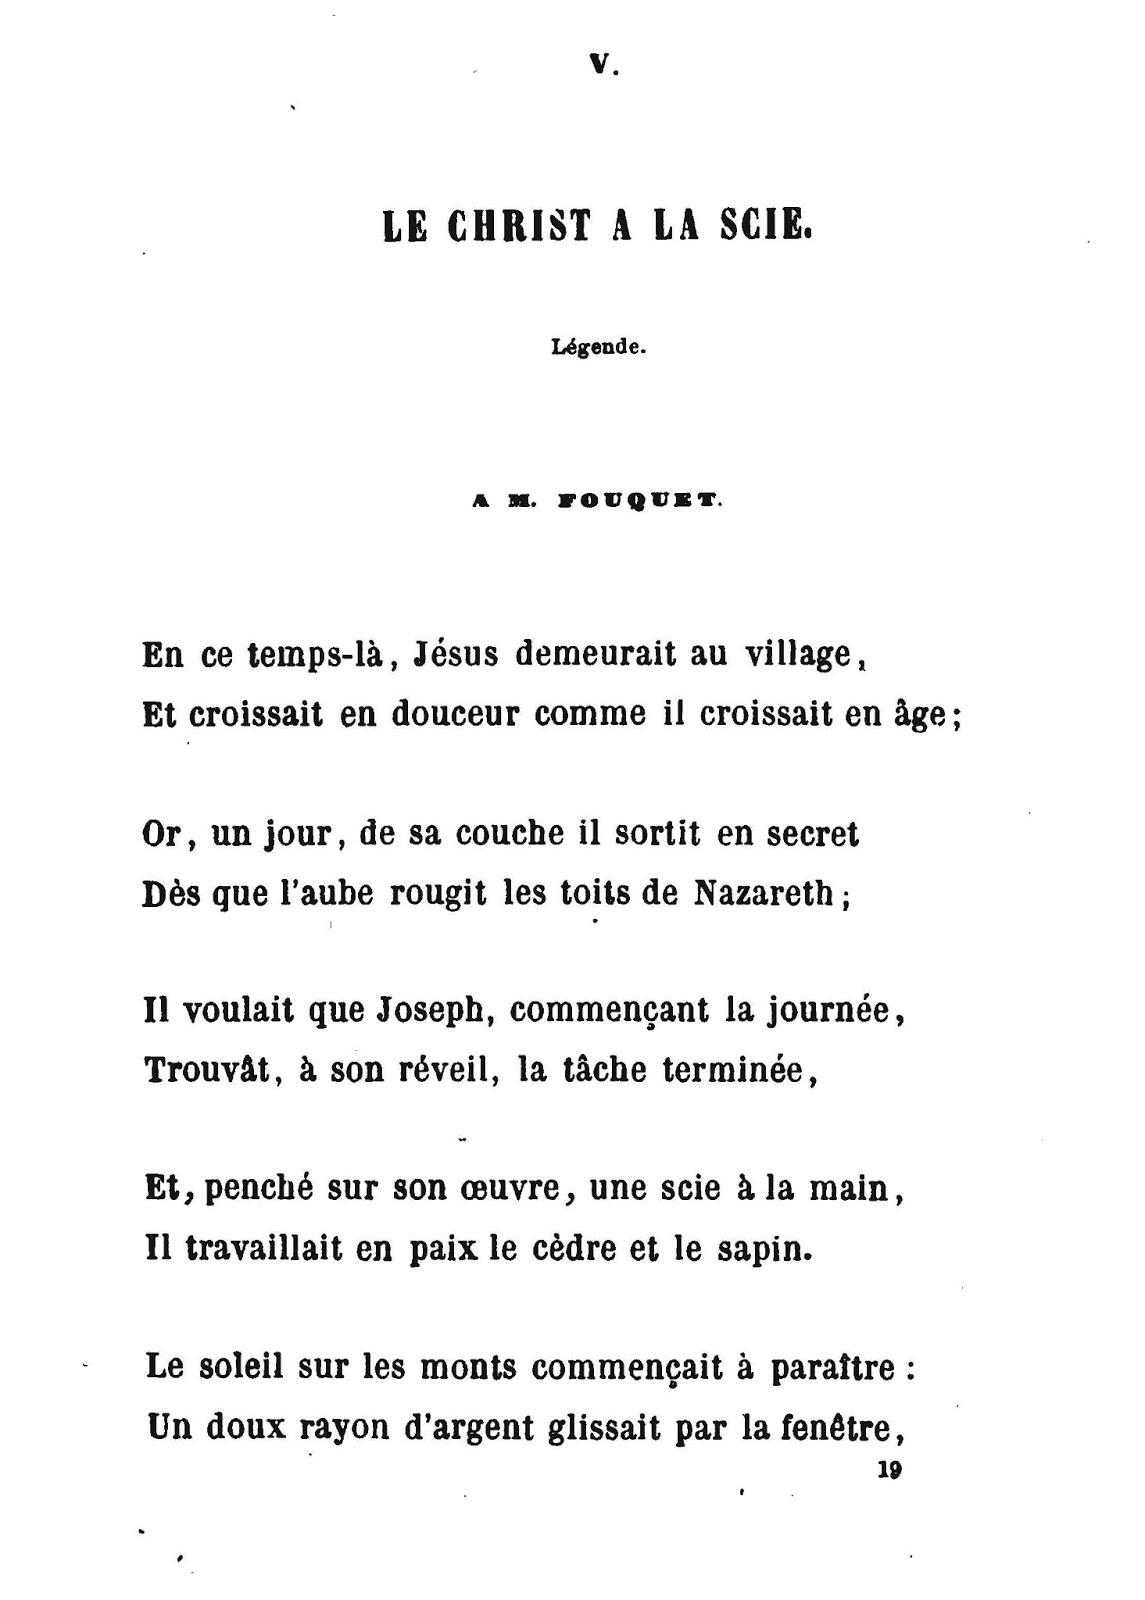 poésie 10 vers